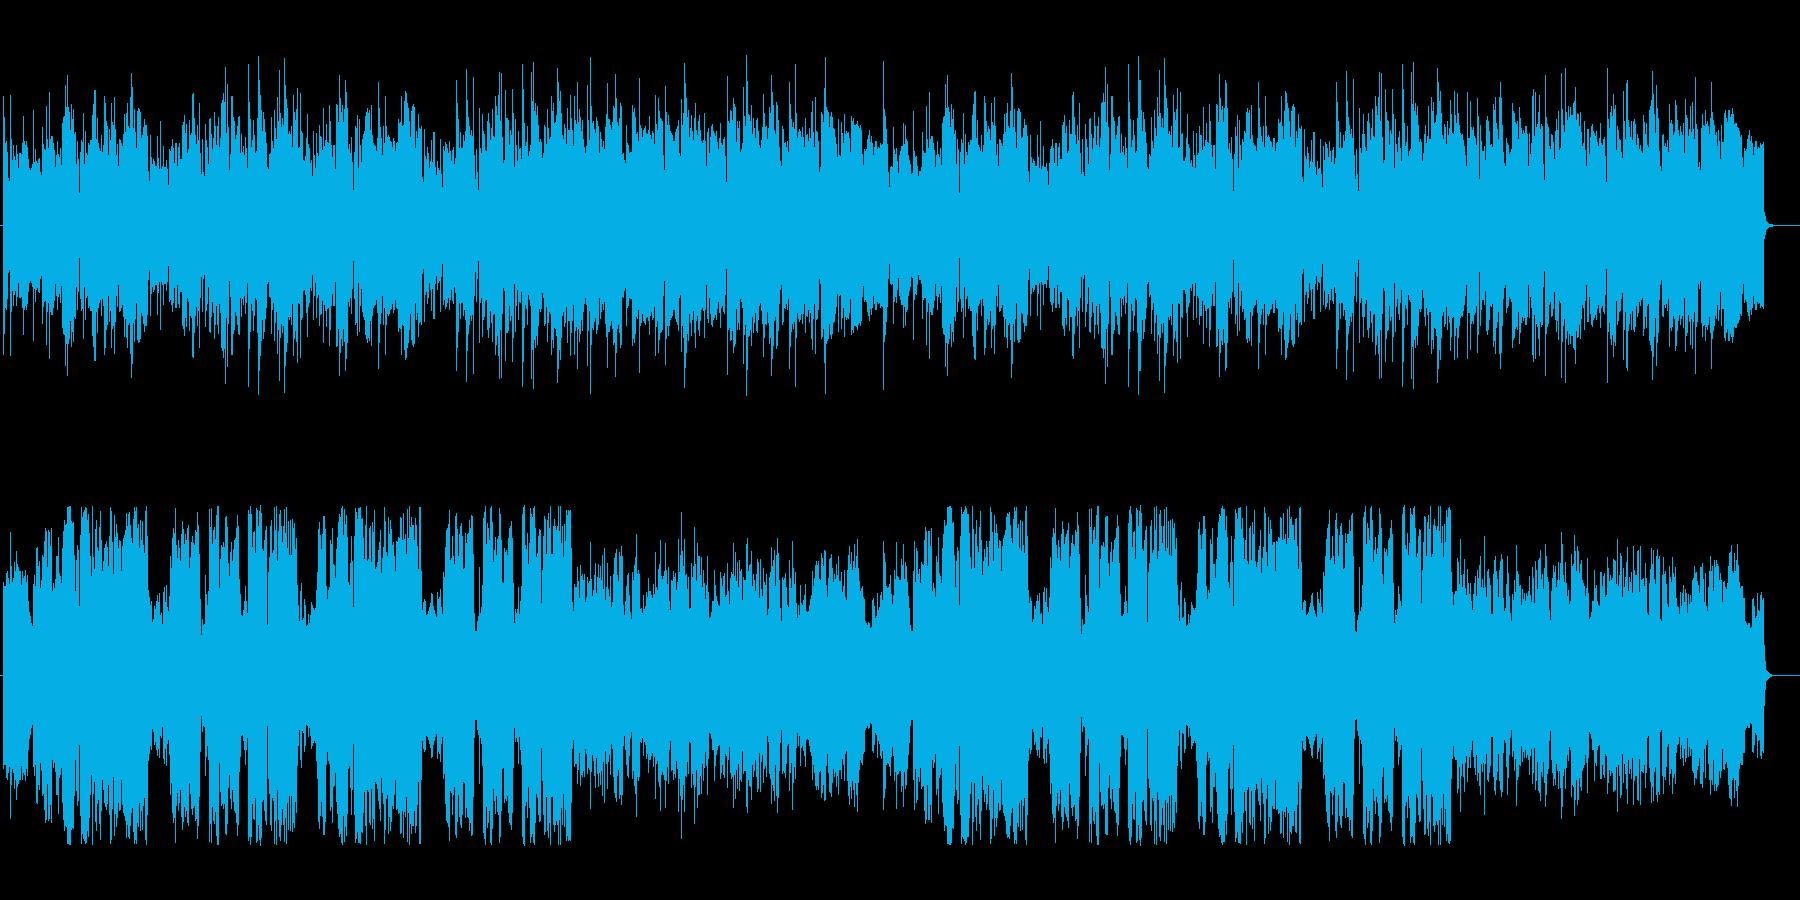 トランペットとアコギの牧歌的な三拍子の曲の再生済みの波形